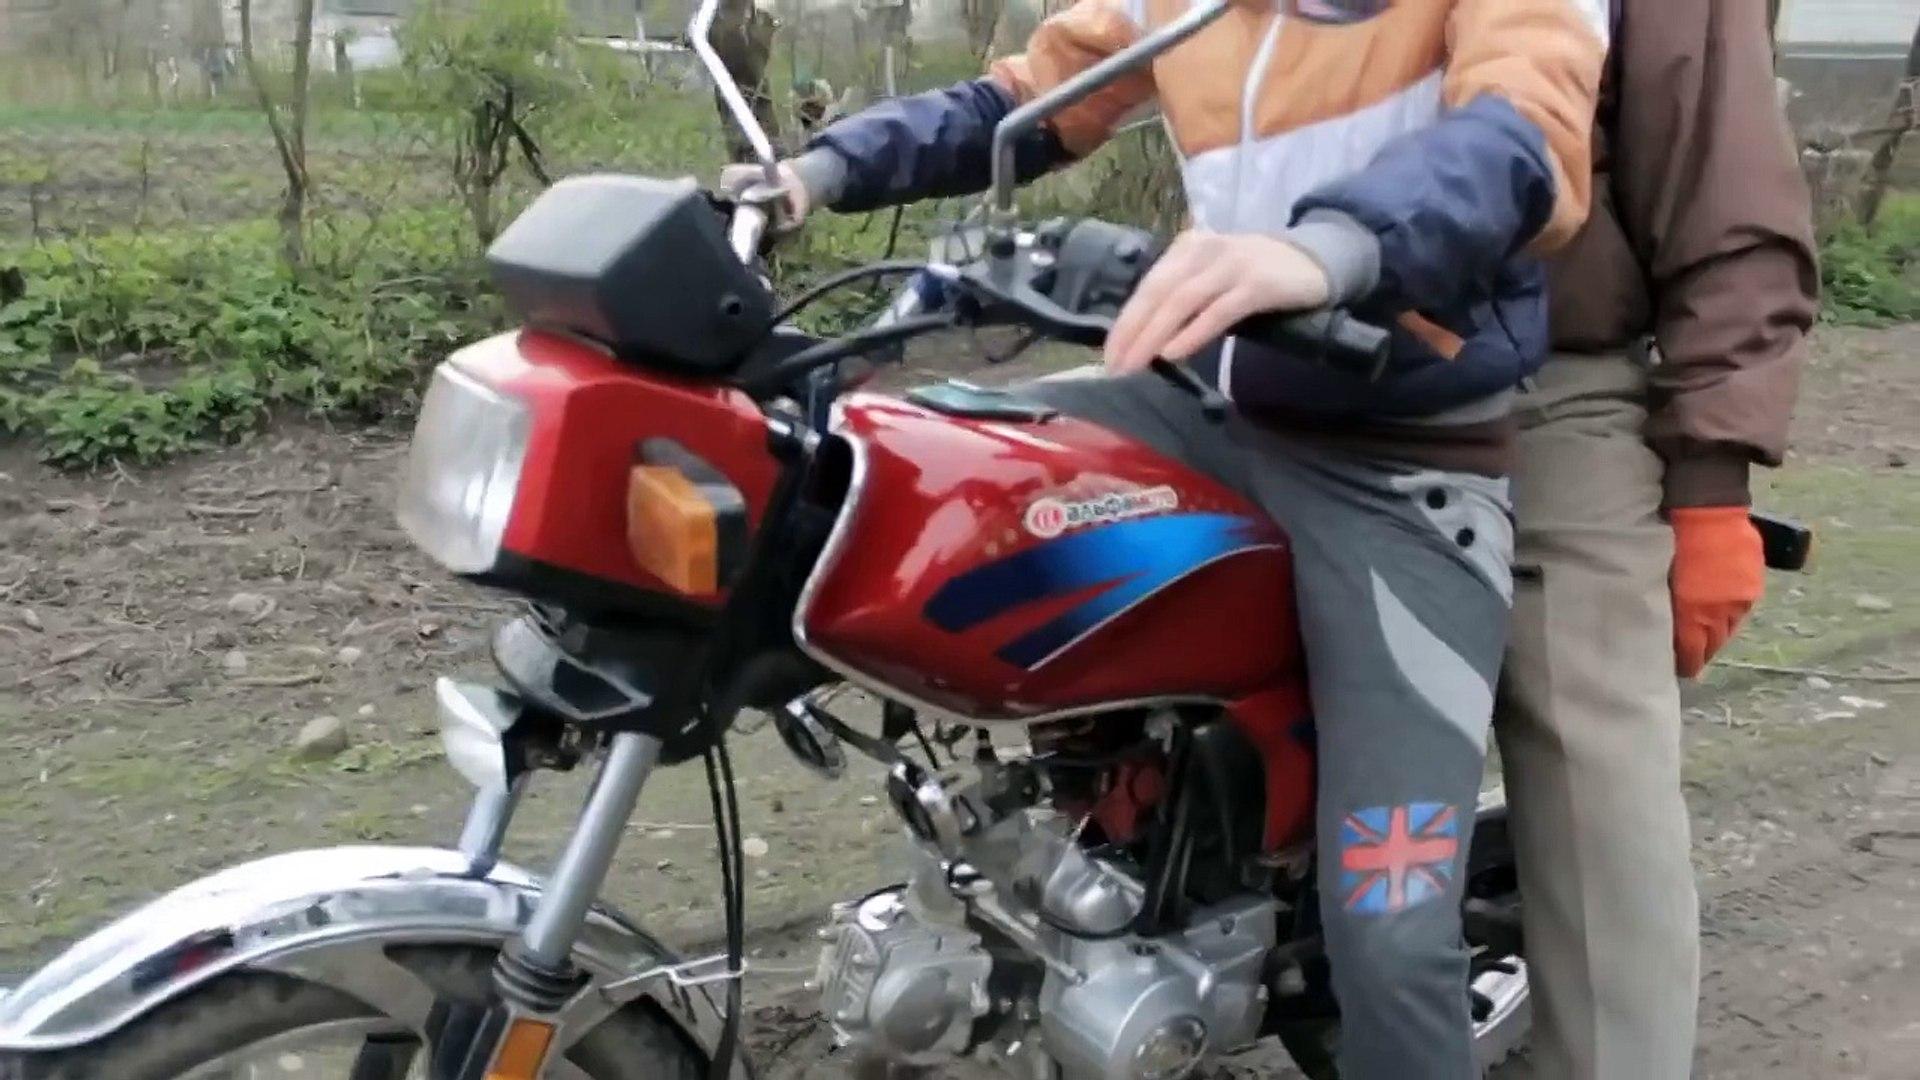 Папа учит дочку водить мотоцикл угар дня